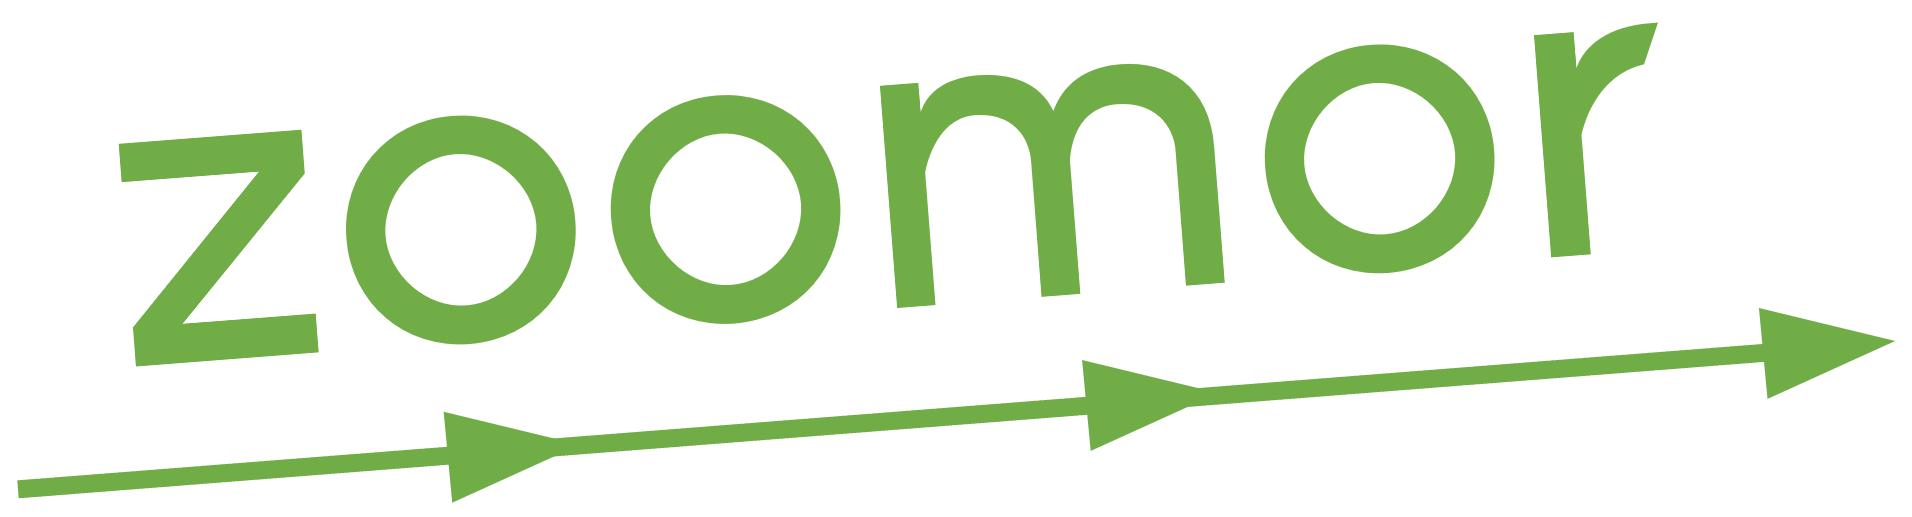 ZOOMOR|ズーモア